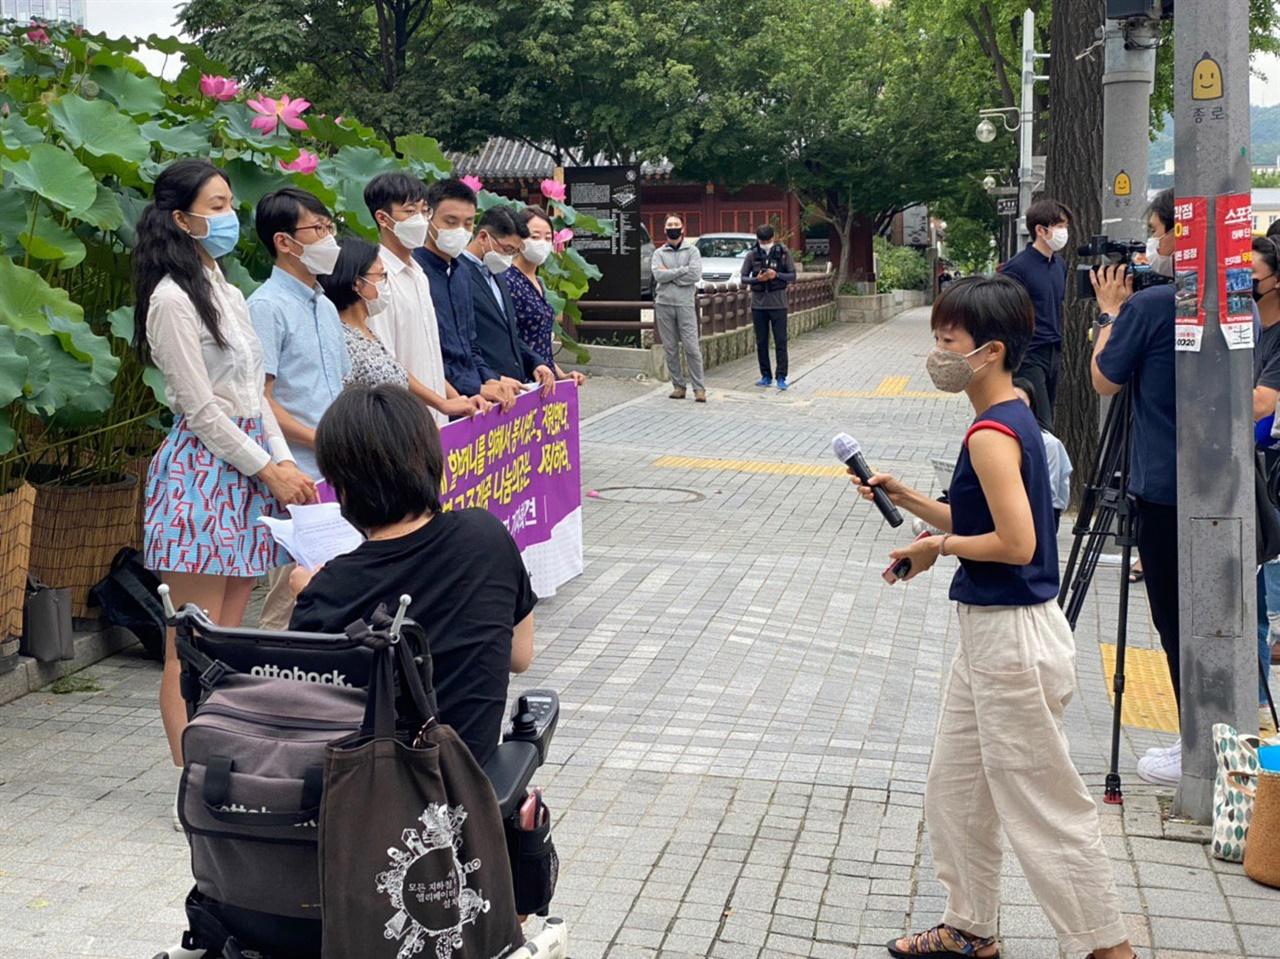 """일본군 '위안부' 피해자들의 거주시설 나눔의집 후원자들과 봉사자, 경기 광주시역 시민단체들은 1일 서울 종로구 조계사 앞에서 기자회견을 열어 """"'위안부' 피해자 할머니들이 다 돌아가신 후 시민들이 보내 준 후원금을 가지고 '호텔식 요양원'을 짓자는 논의를 했다는 보도를 접한 후 그동안 후원, 봉사를 해온 우리들은 참을 수 없는 슬픔과 분노를 느꼈다""""고 말했다."""